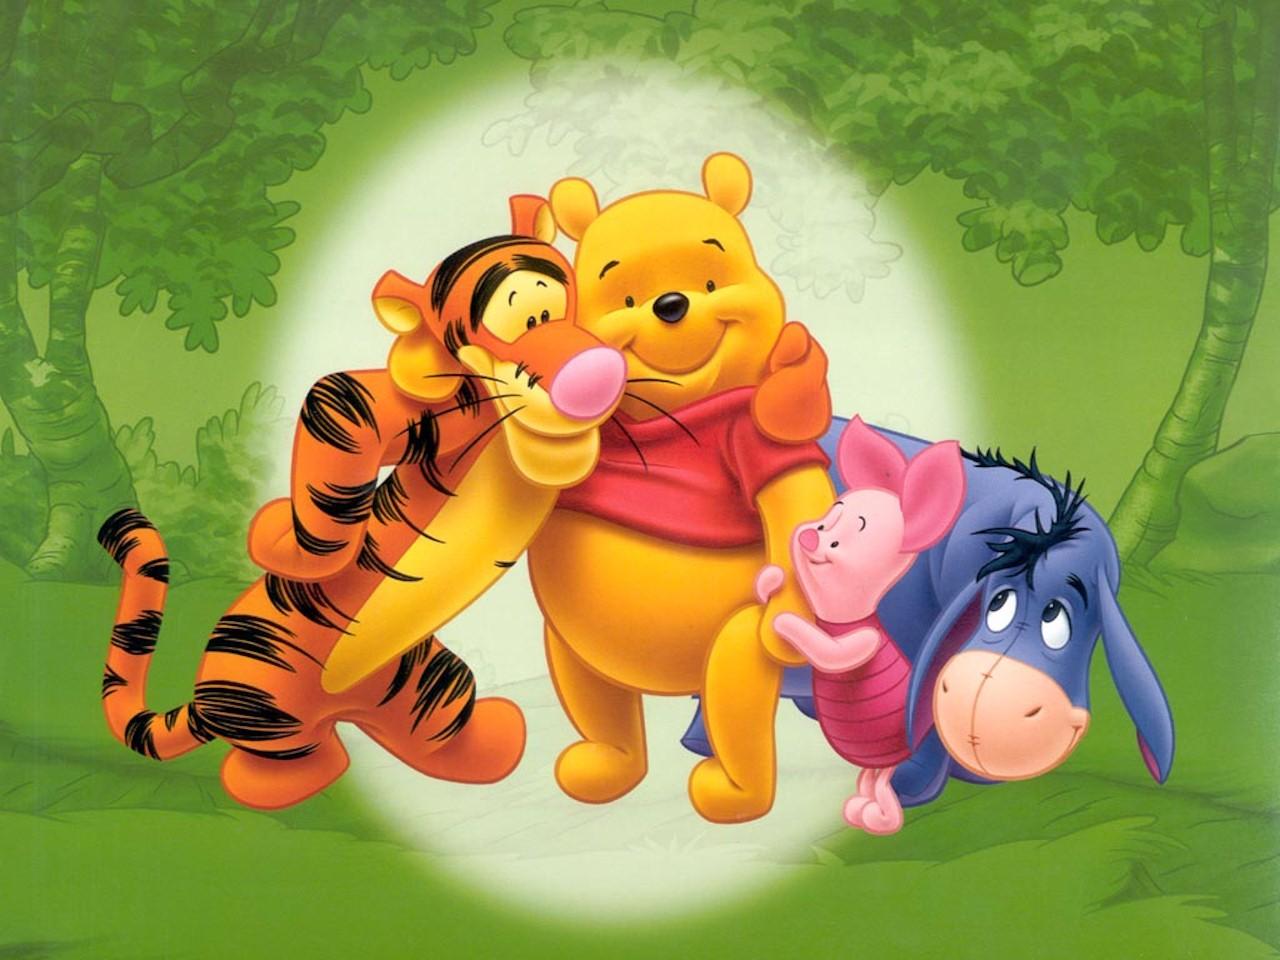 Cartoon Characters Wallpapers For Desktop   1280x960 iWallHD 1280x960